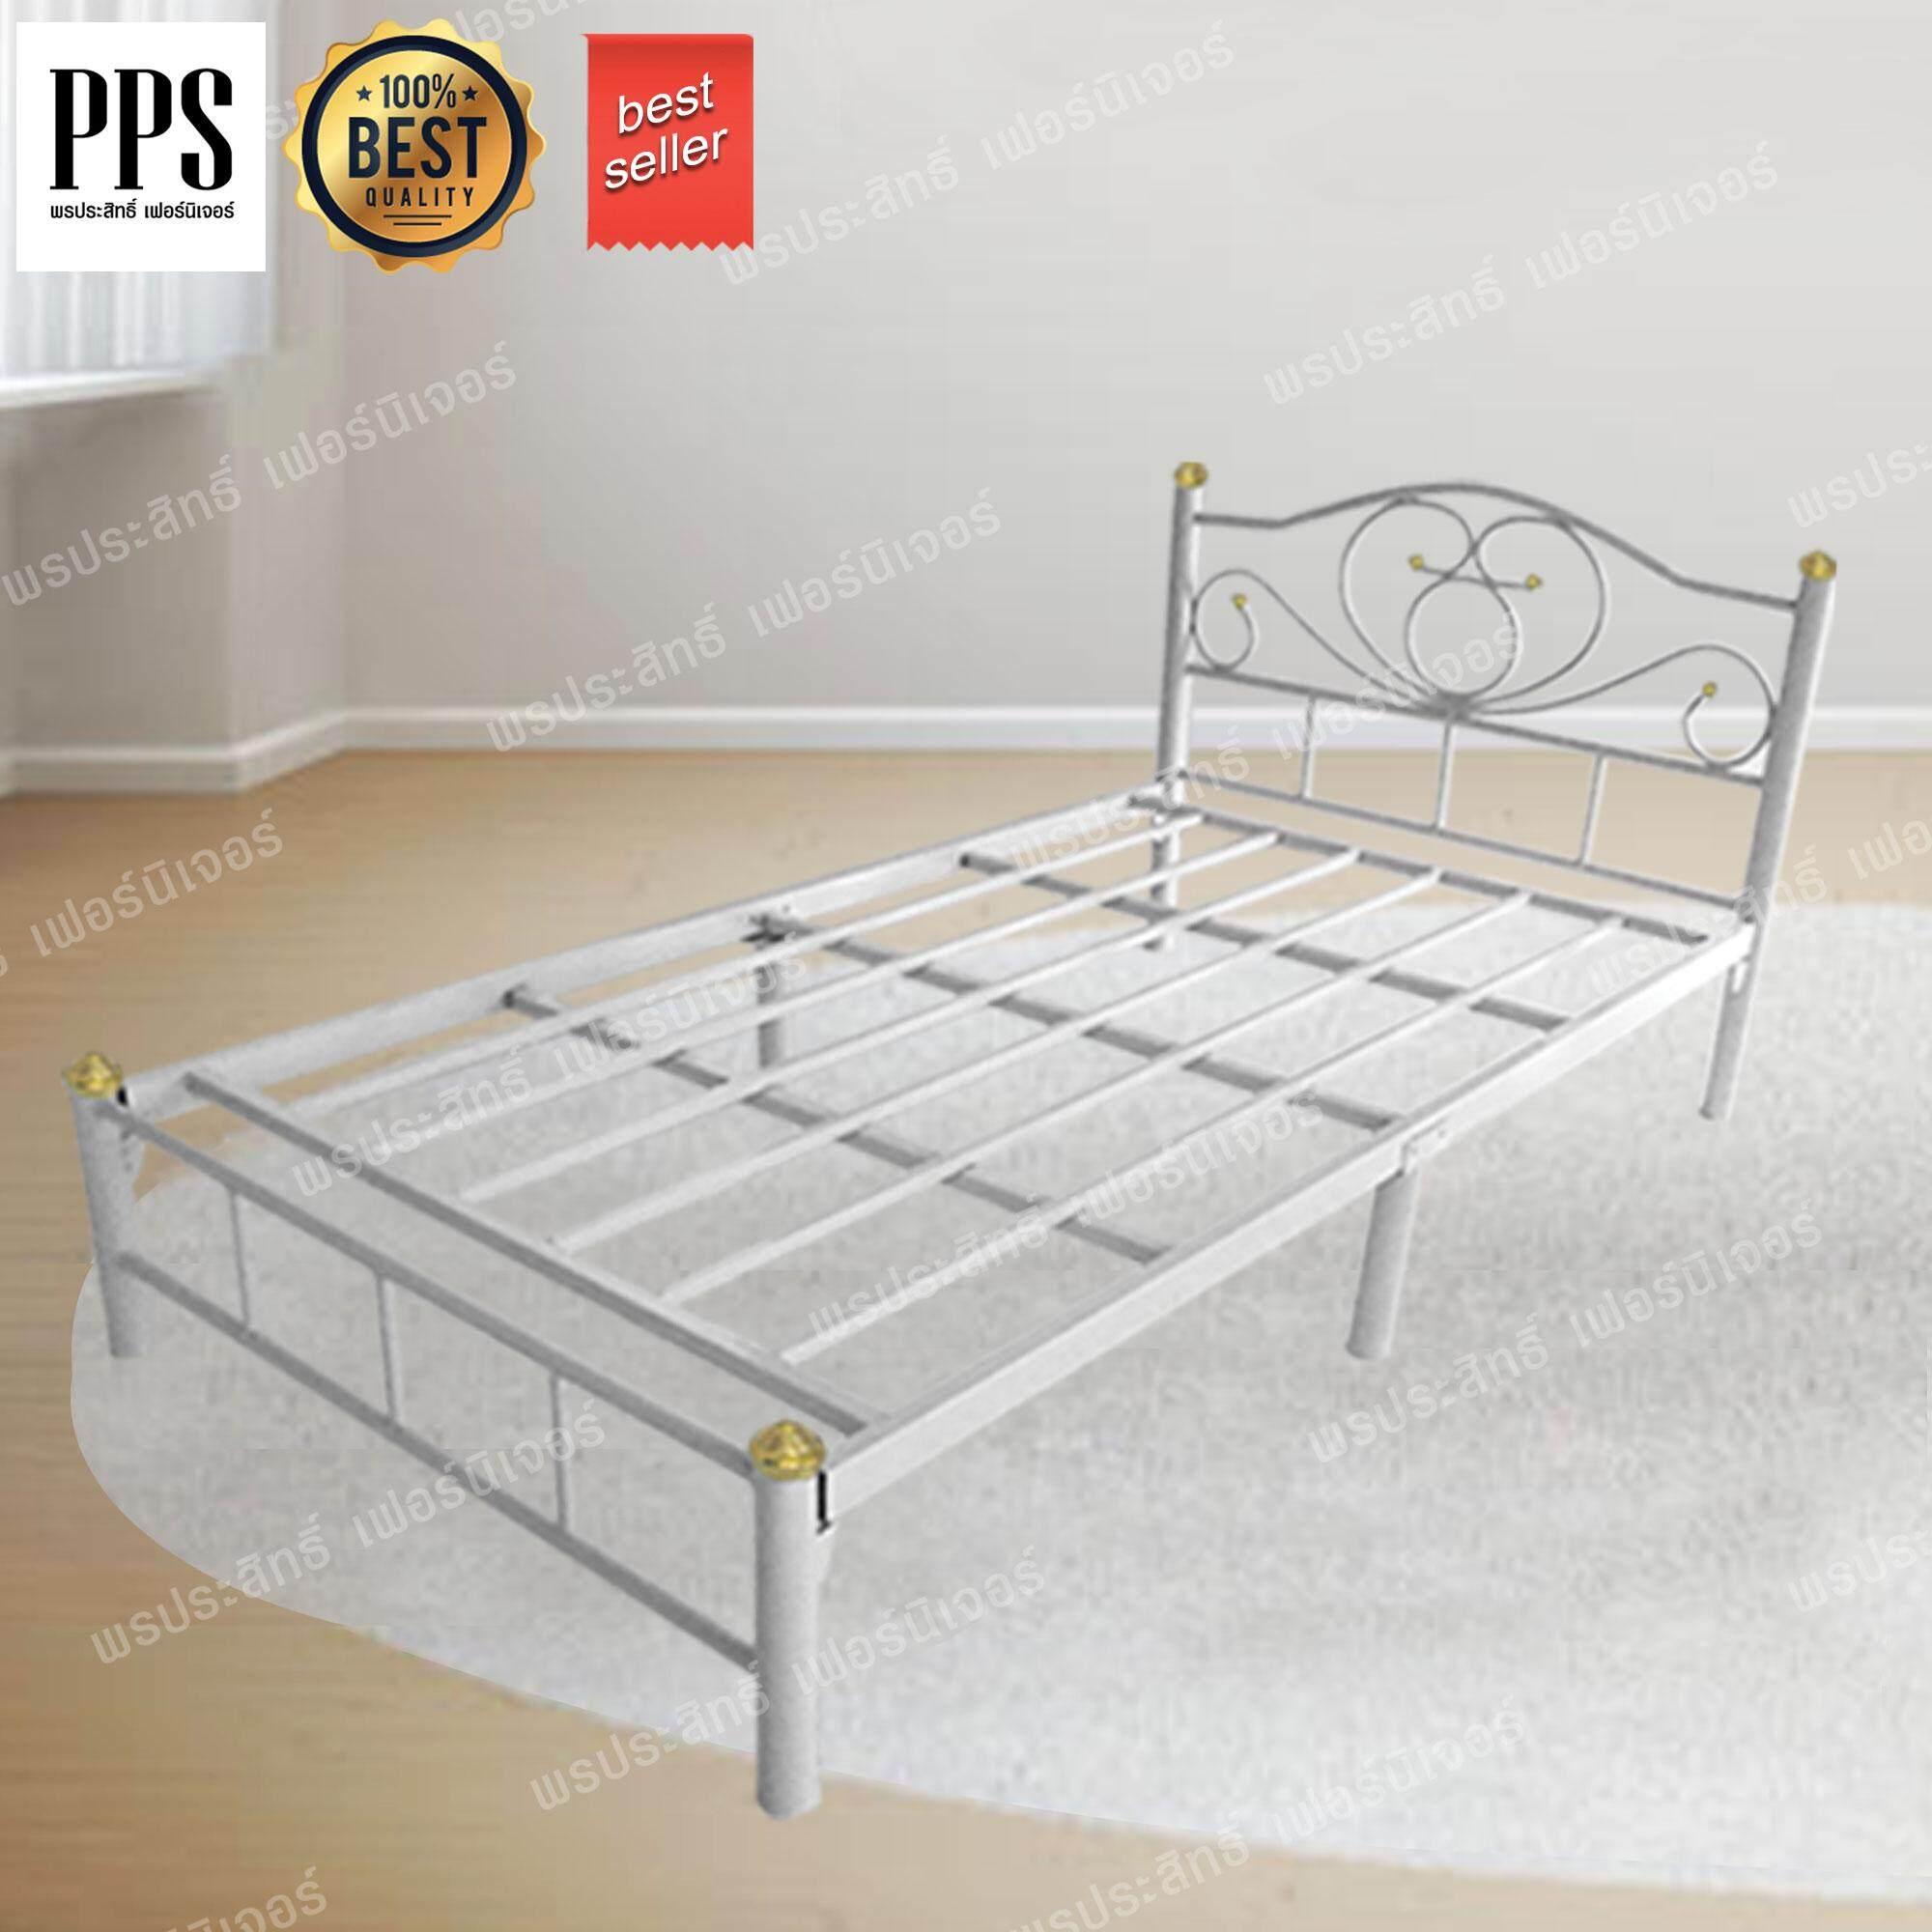 Asia เตียงเหล็ก3.5ฟุต รุ่นโลตัส (สีขาว).